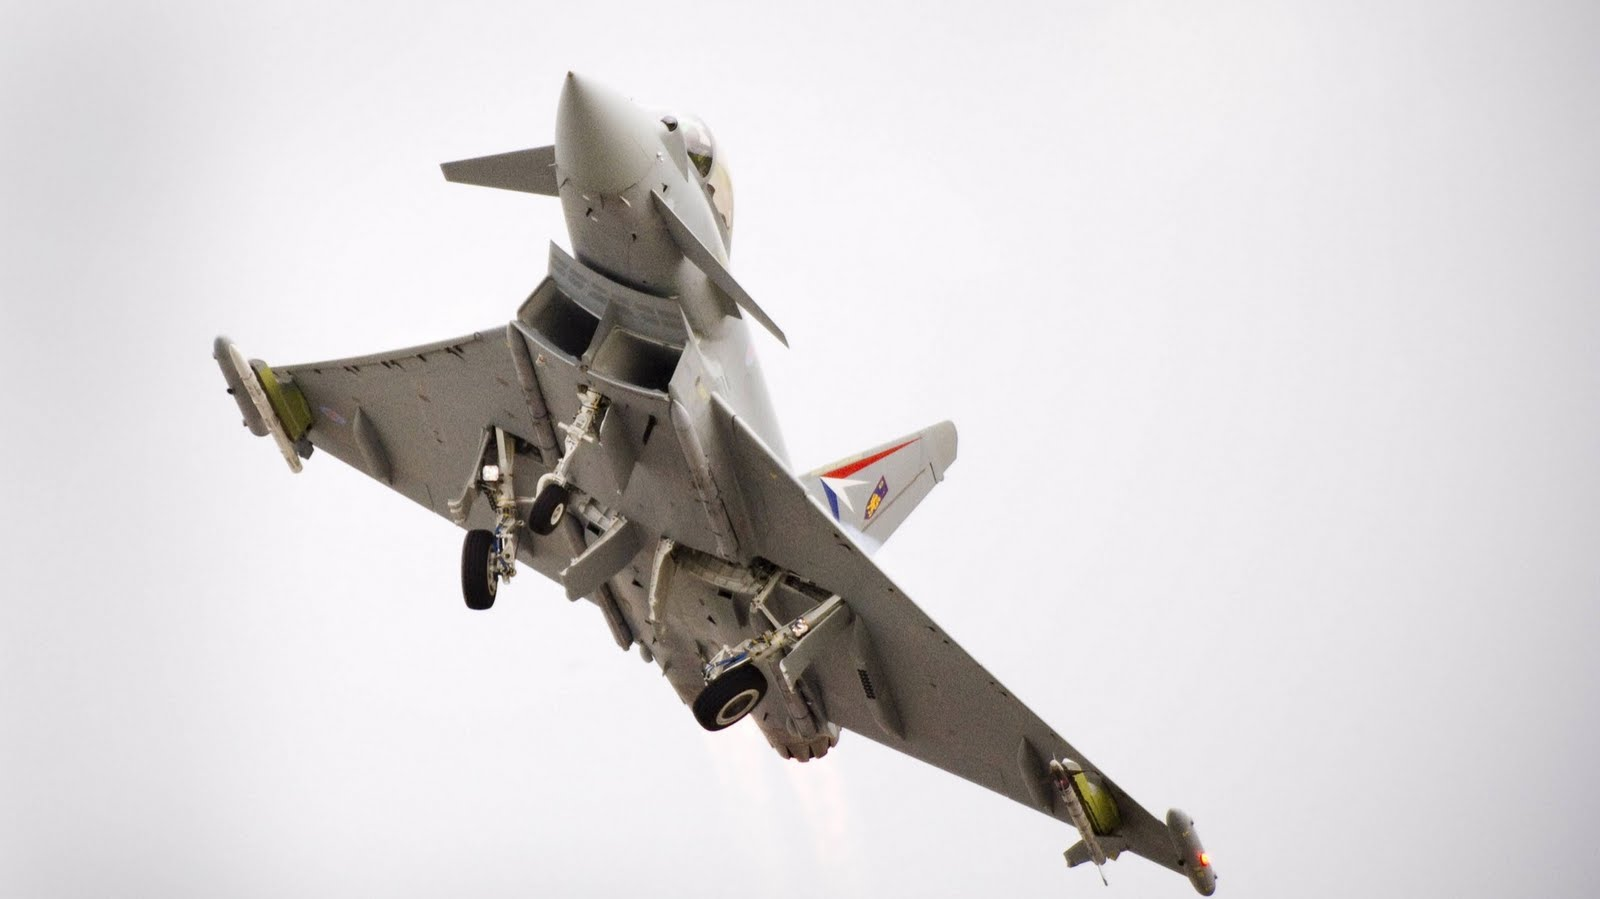 http://1.bp.blogspot.com/_ja676MG45Zg/TIuUNrRRMvI/AAAAAAAAEkE/Kn_gujOPAcI/s1600/eurofighter-typhoon-maneuver.jpg